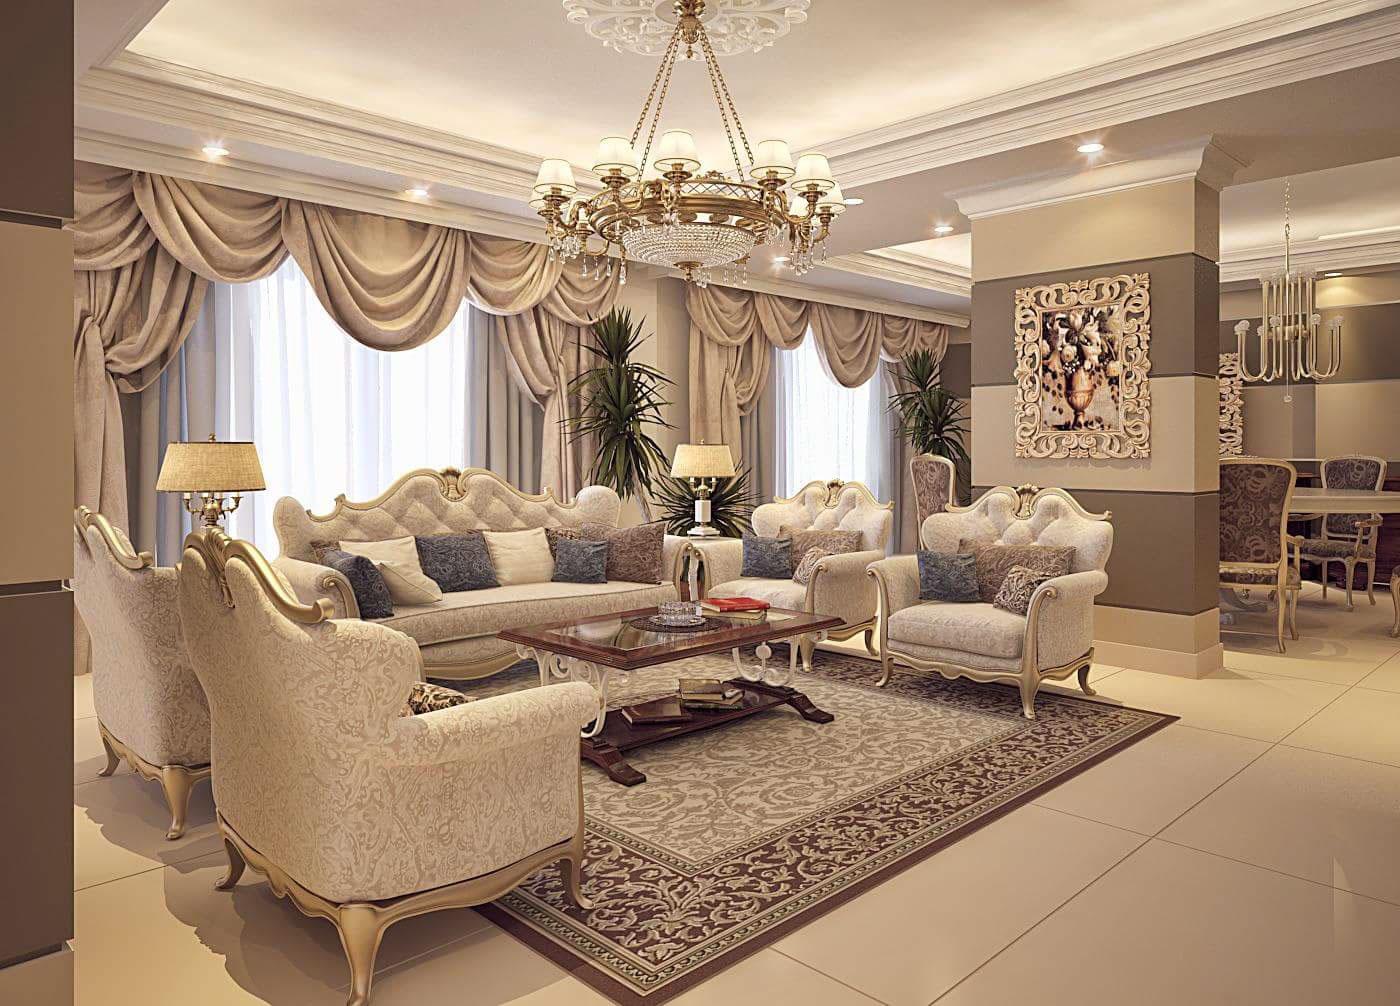 Hình 1: Phòng khách được thiết kế theo phong cách cổ điển.